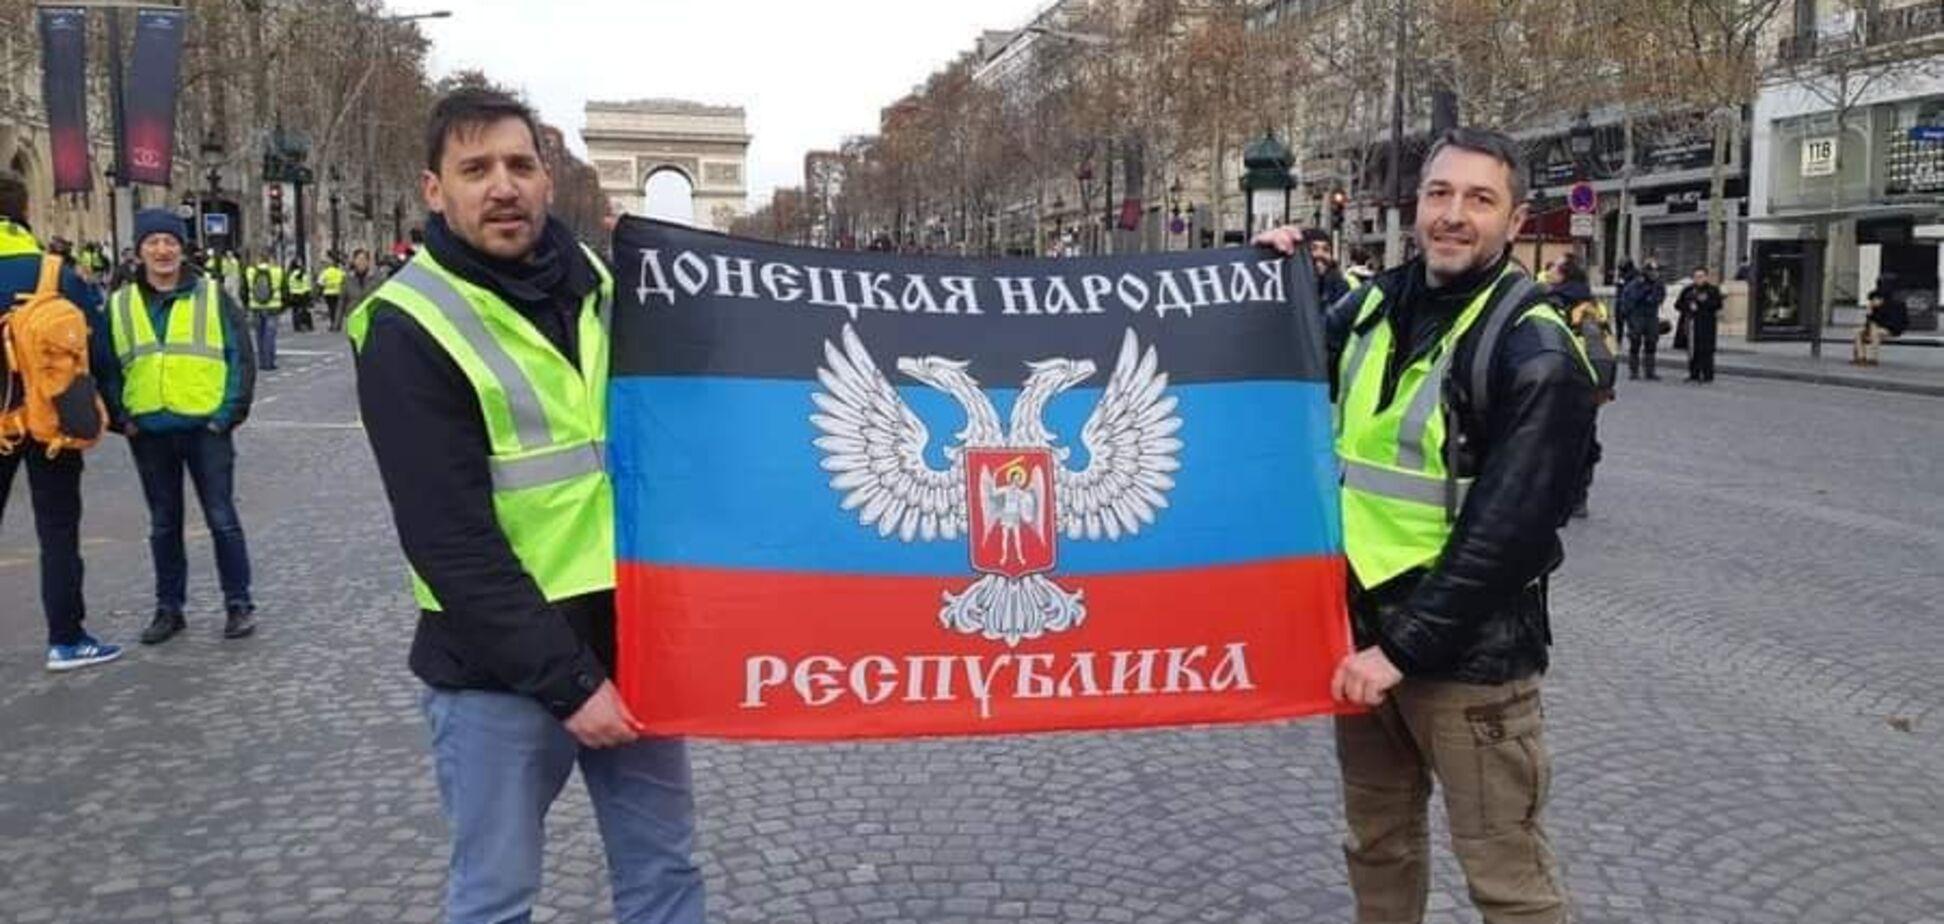 Прапор ''ДНР'' і російський мат: в протестах у Франції знайшли ''вуха Кремля''